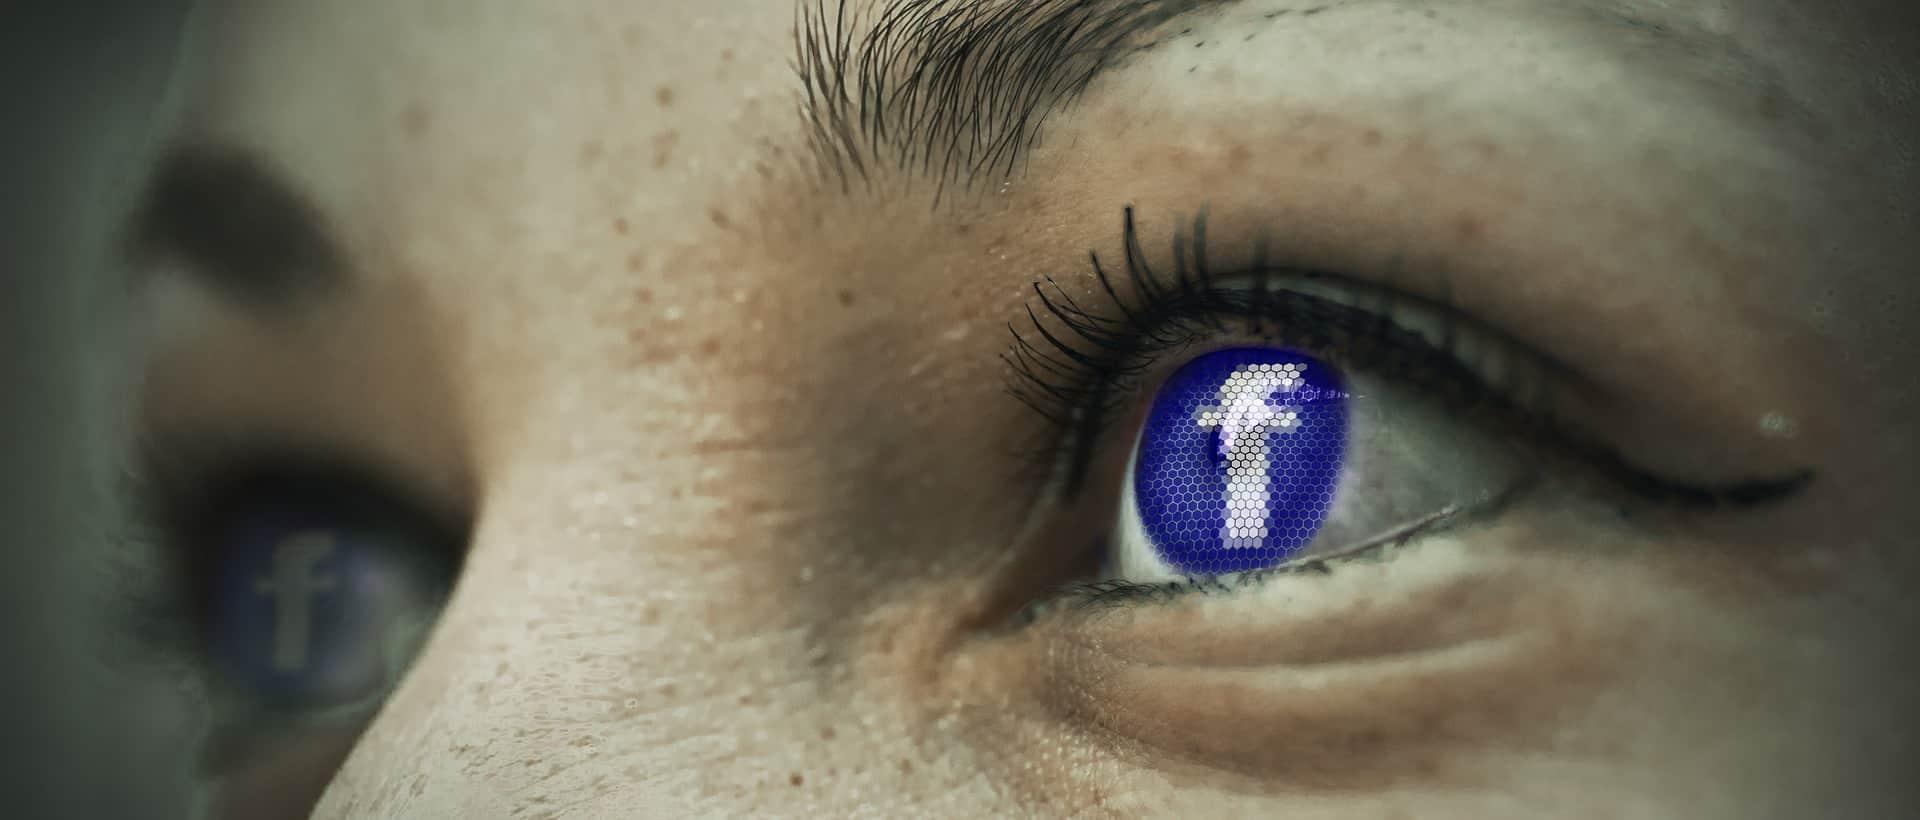 Facebook Passwörter werden gespeichert